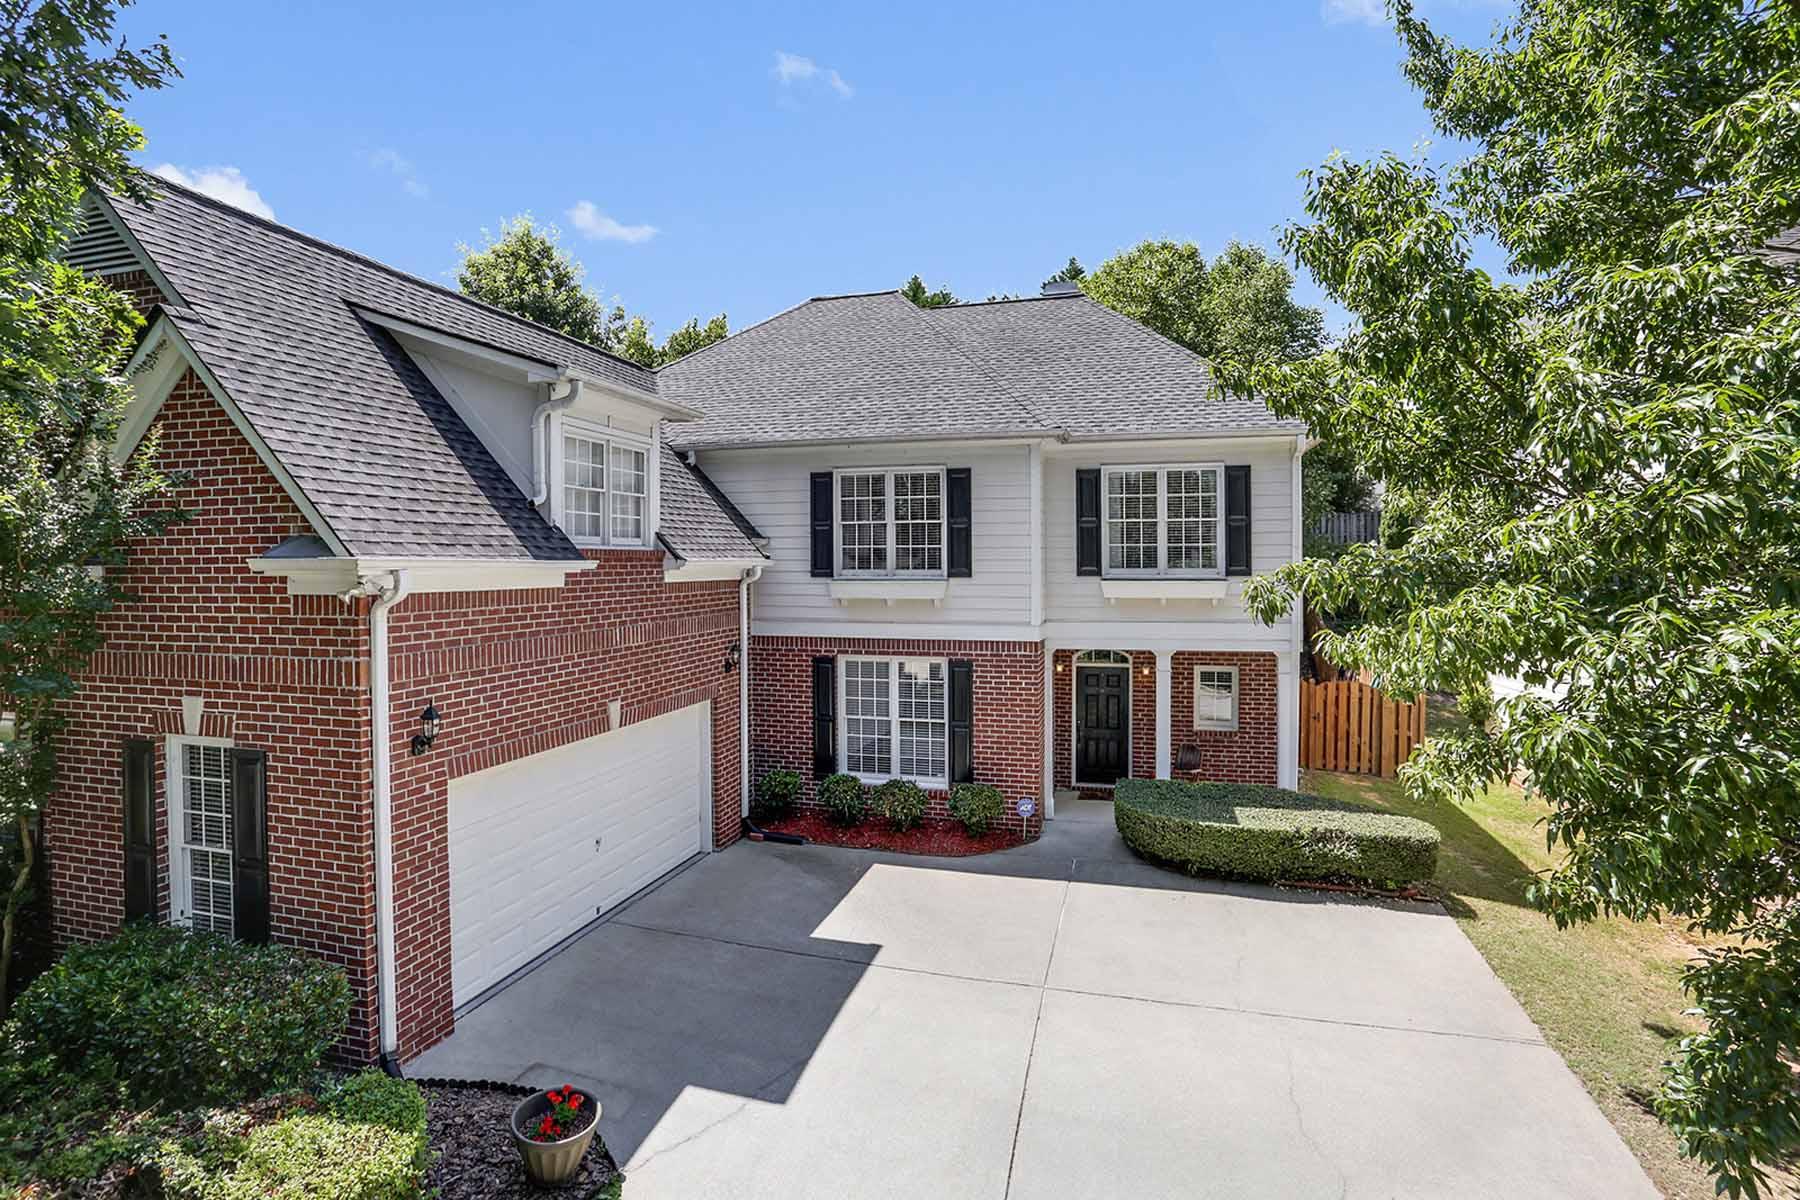 独户住宅 为 销售 在 Johns Creek 5 BR 3 BA 545 Lakehill Way Johns Creek, 乔治亚州, 30022 美国